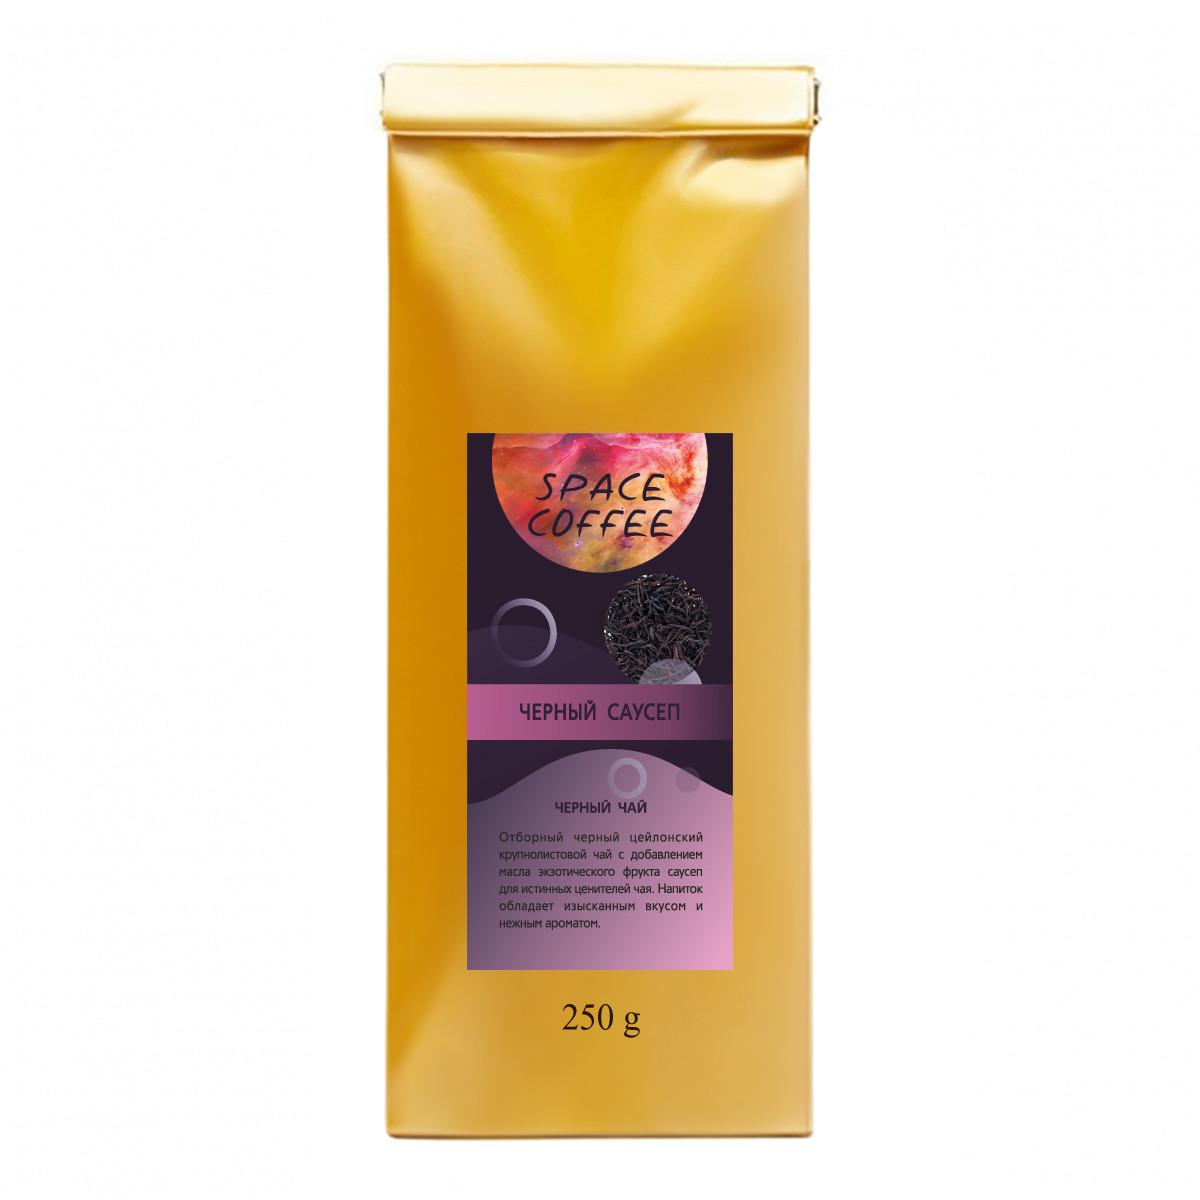 Черный саусеп цейлонский черный чай Space Coffee 250 грамм